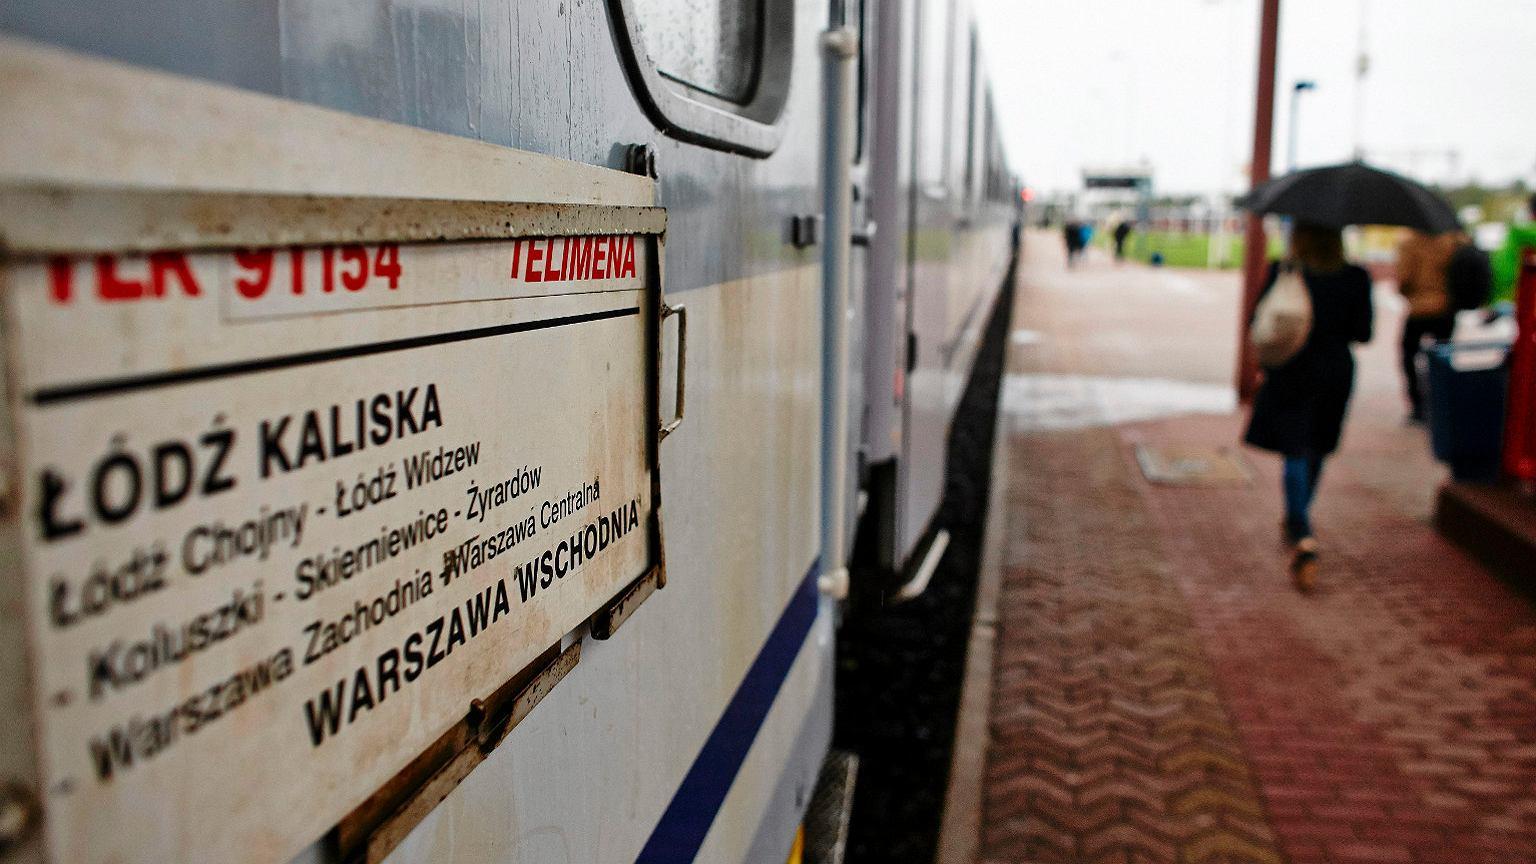 TLK Telimena w trakcie kursu z Łodzi do Warszawy